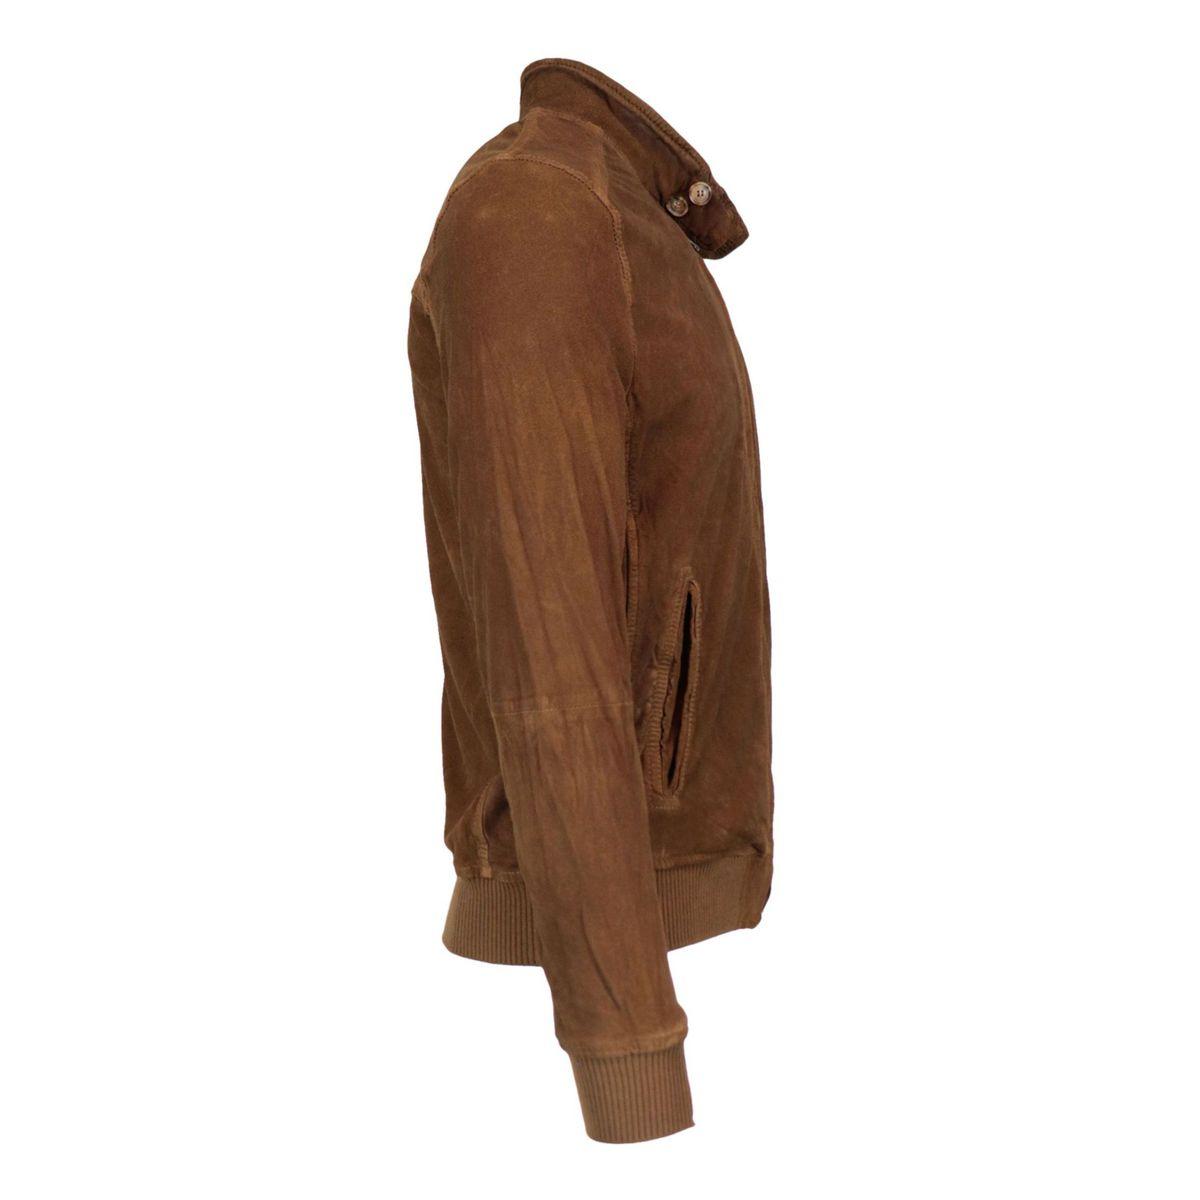 Nicolas jacket in vintage effect suede Tobacco Andrea D'amico